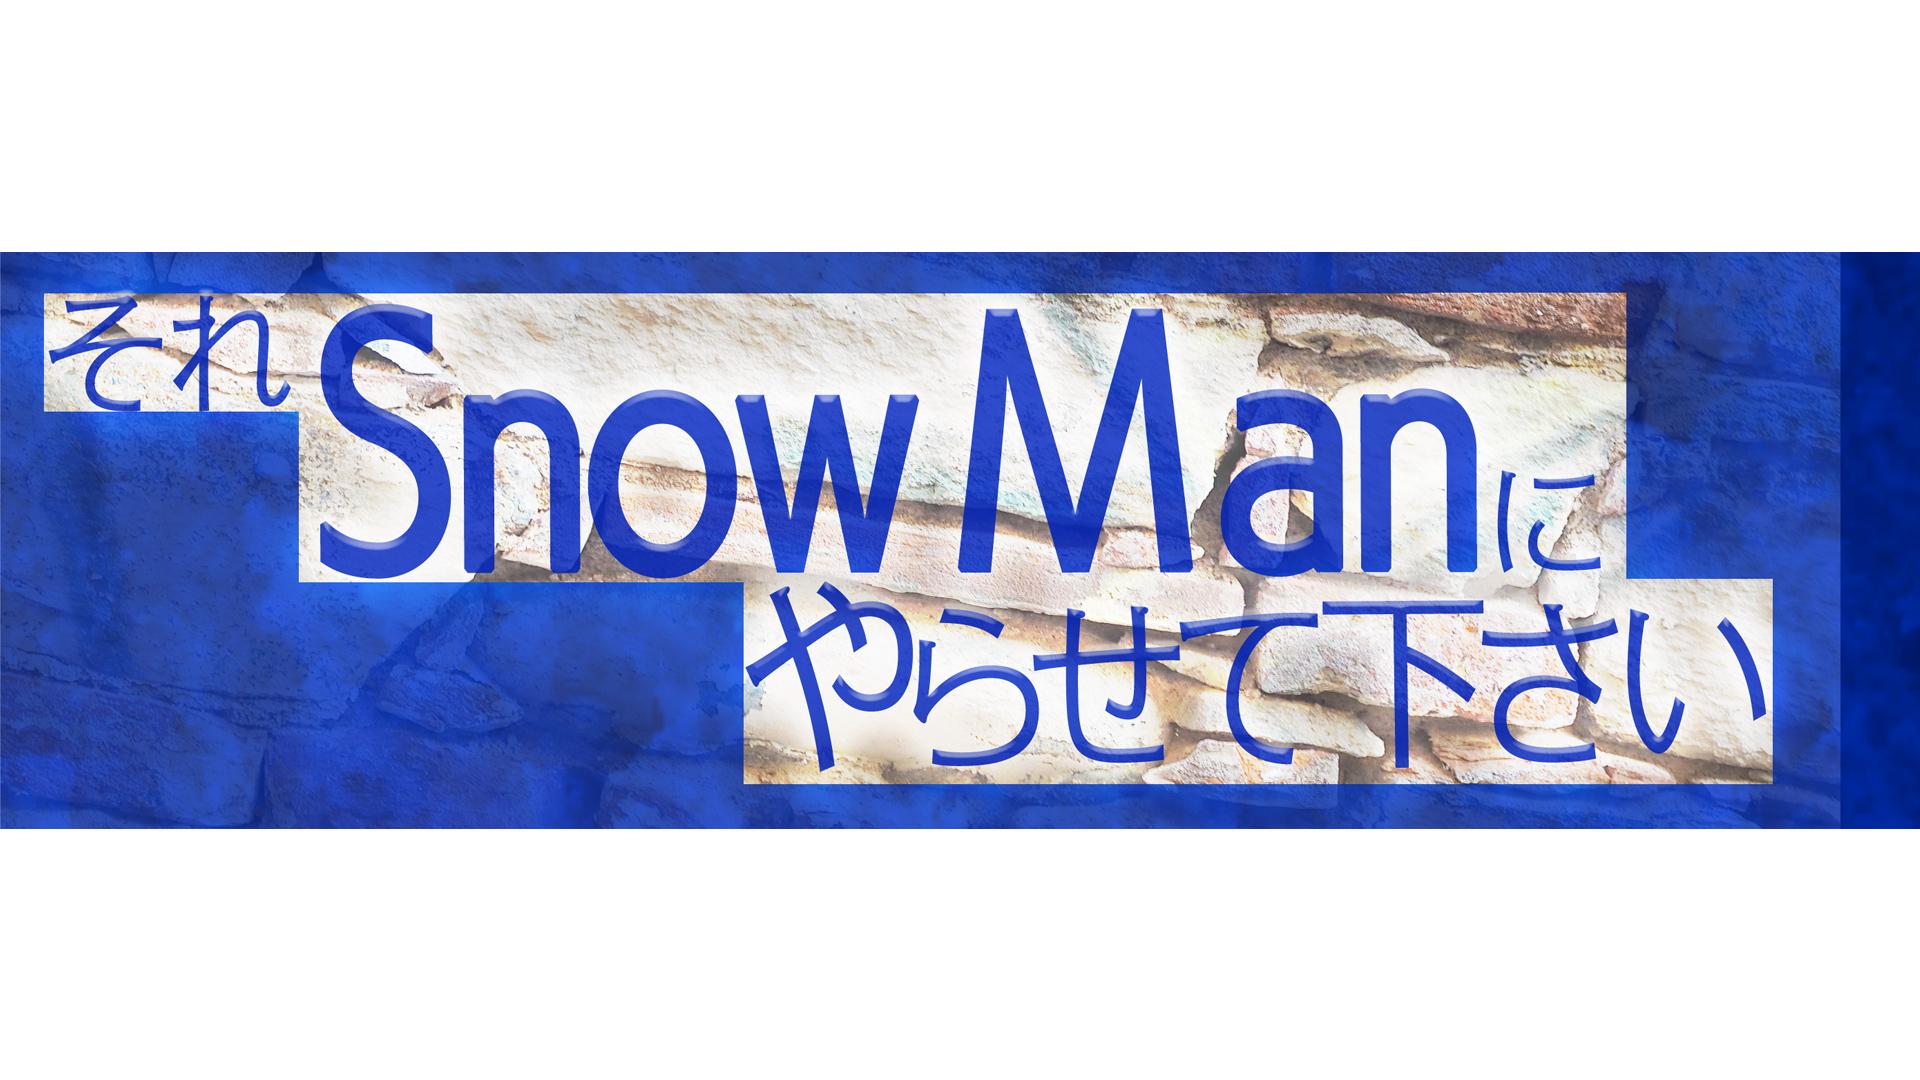 に 地域 て 下さい やらせ 放送 snowman それ